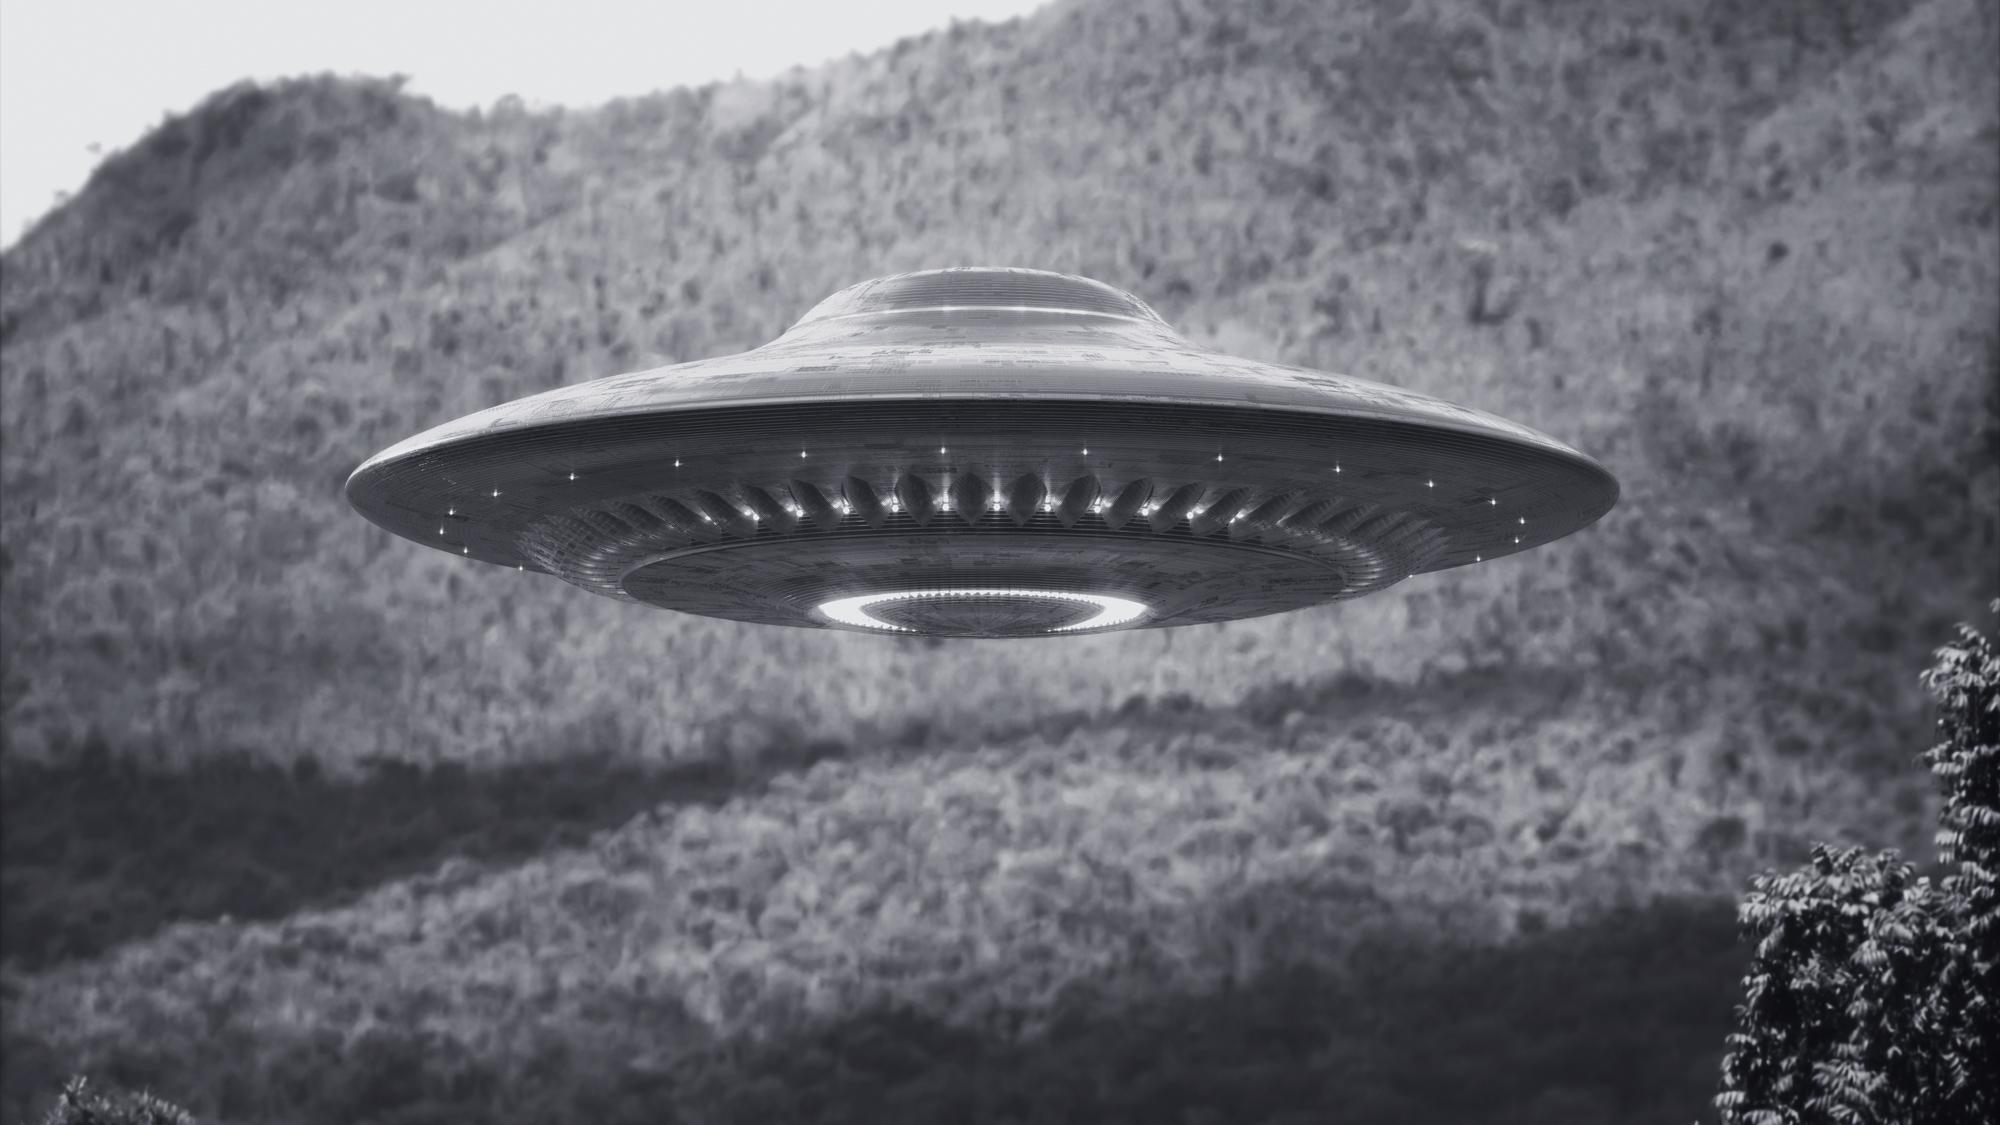 Могила дьявола: Куда исчезло киргизское НЛО, упавшее в горах Тянь-Шаня в 1991 году